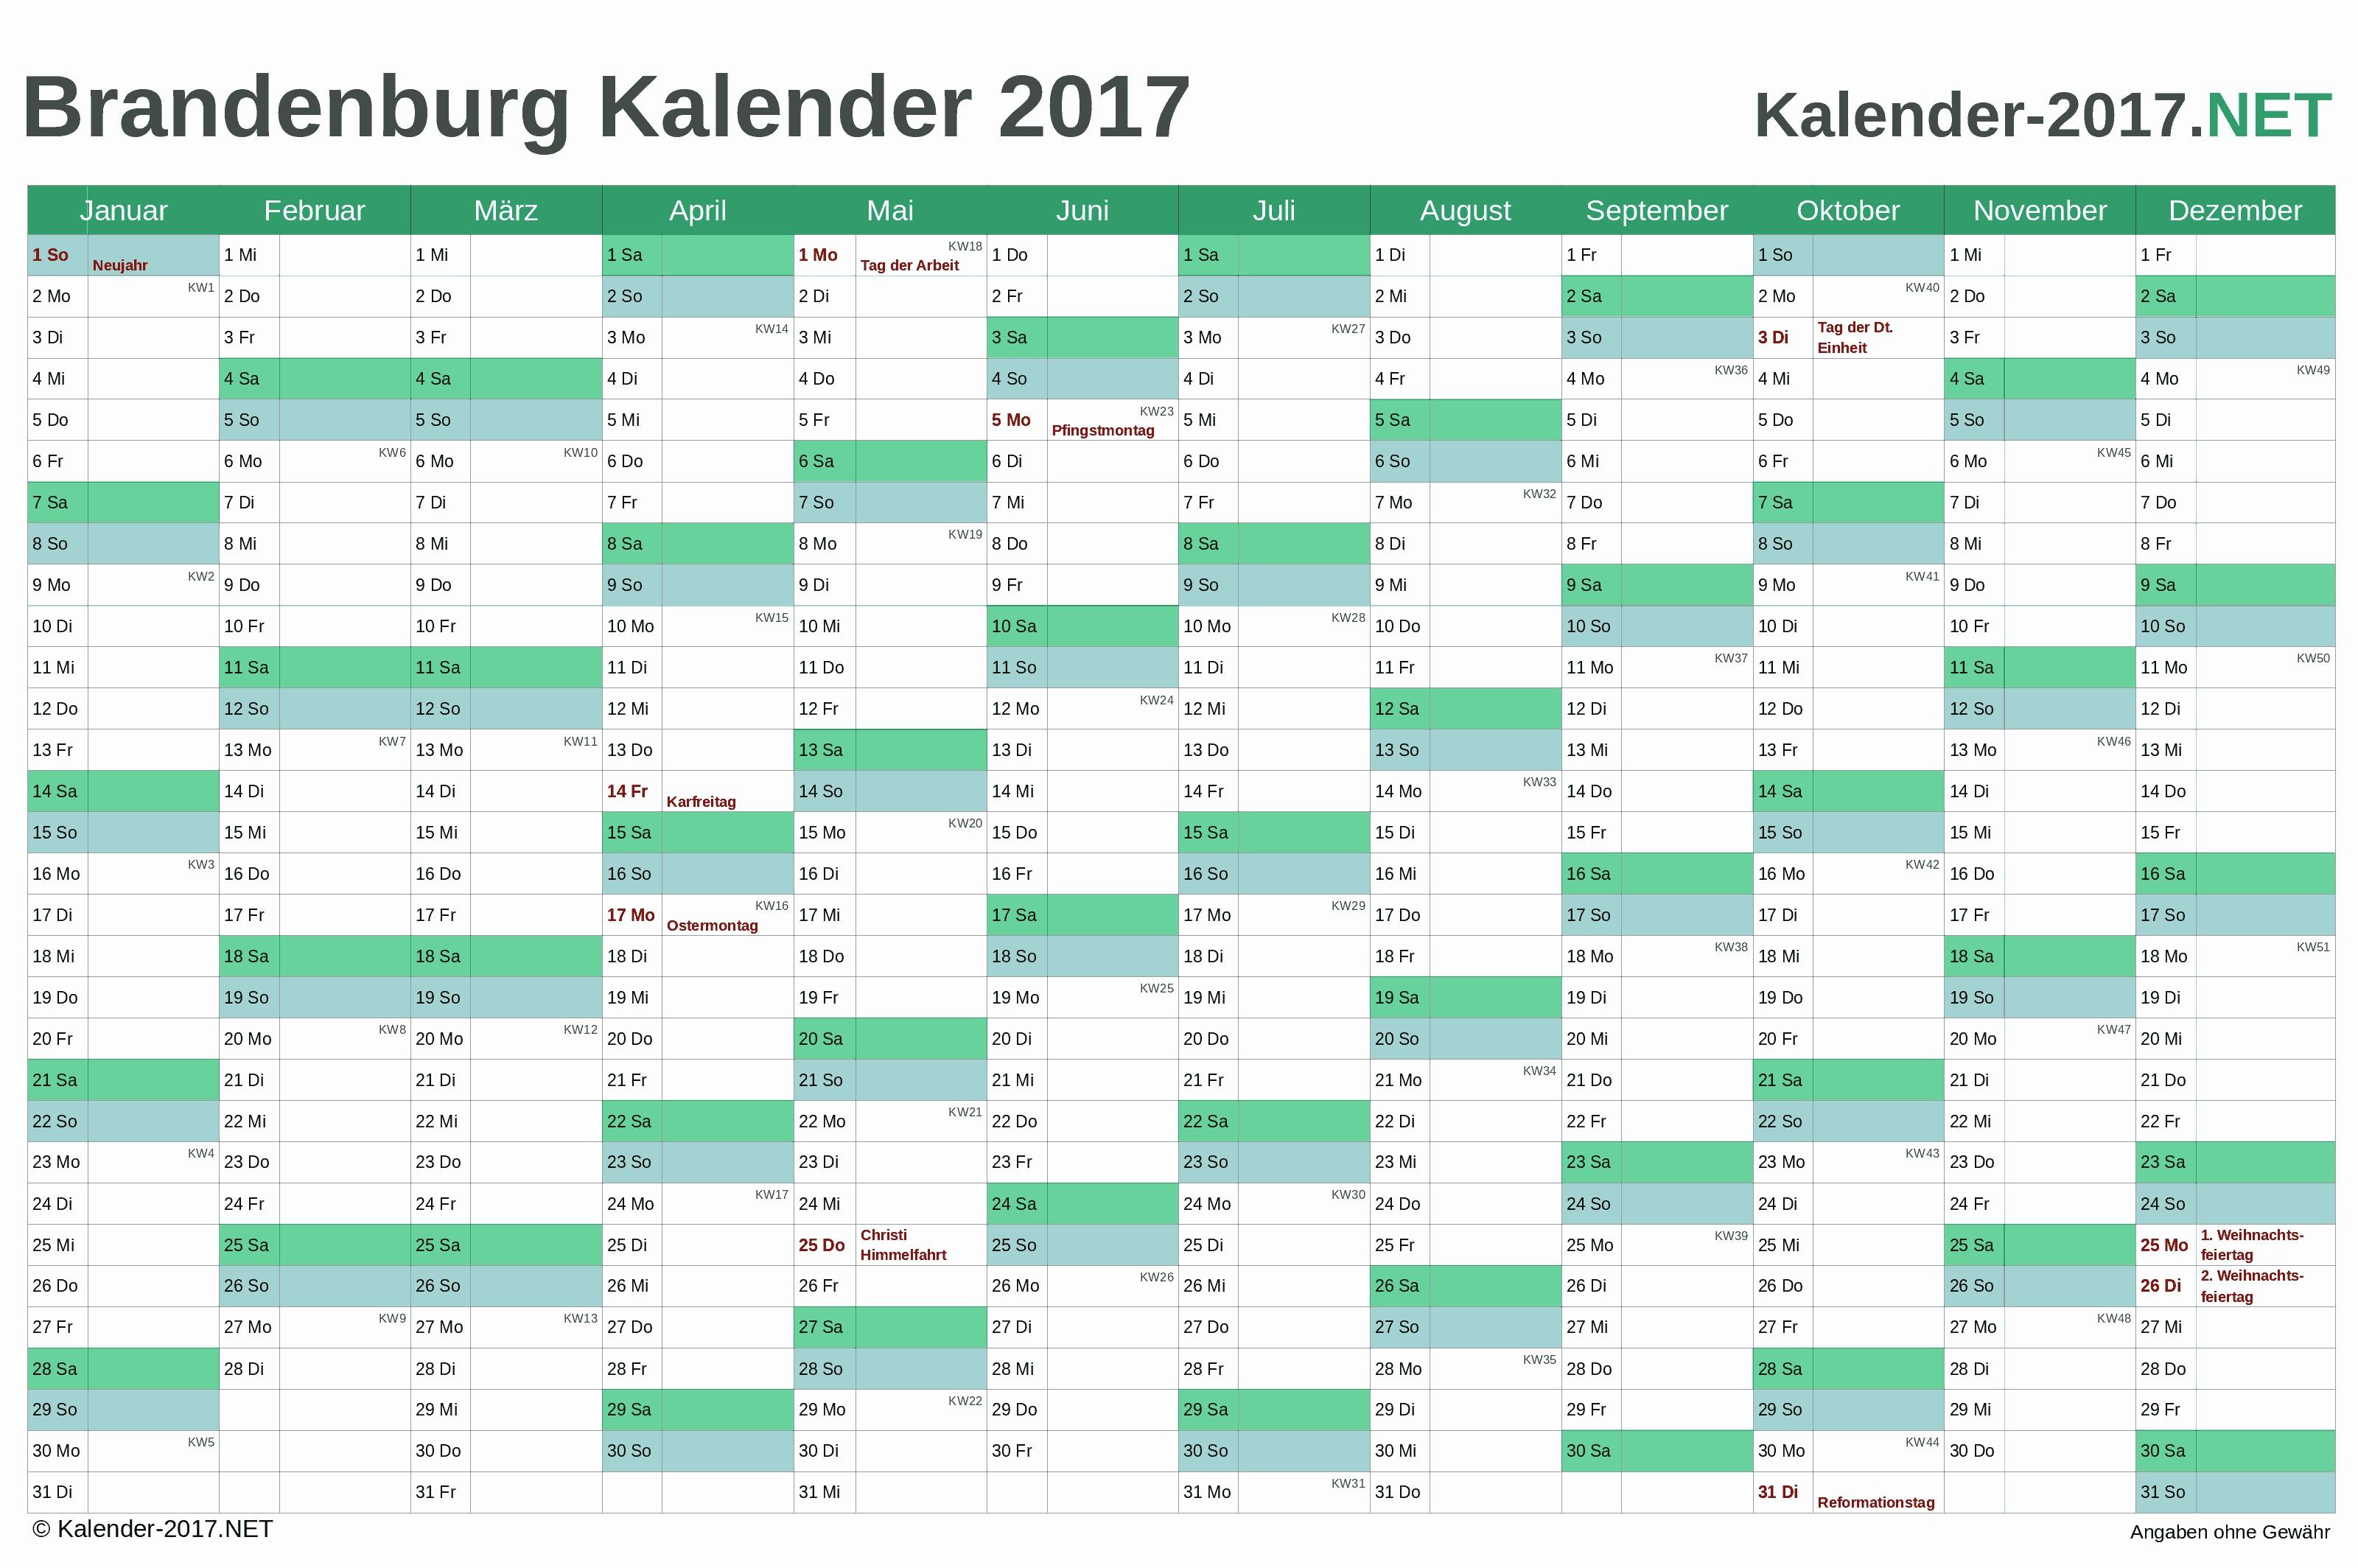 Kalender 2019 Excel Sverige Actual 59 Fotografie Von Fotokalender 2017 Zum Ausdrucken Of Kalender 2019 Excel Sverige Más Caliente 59 Fotografie Von Fotokalender 2017 Zum Ausdrucken